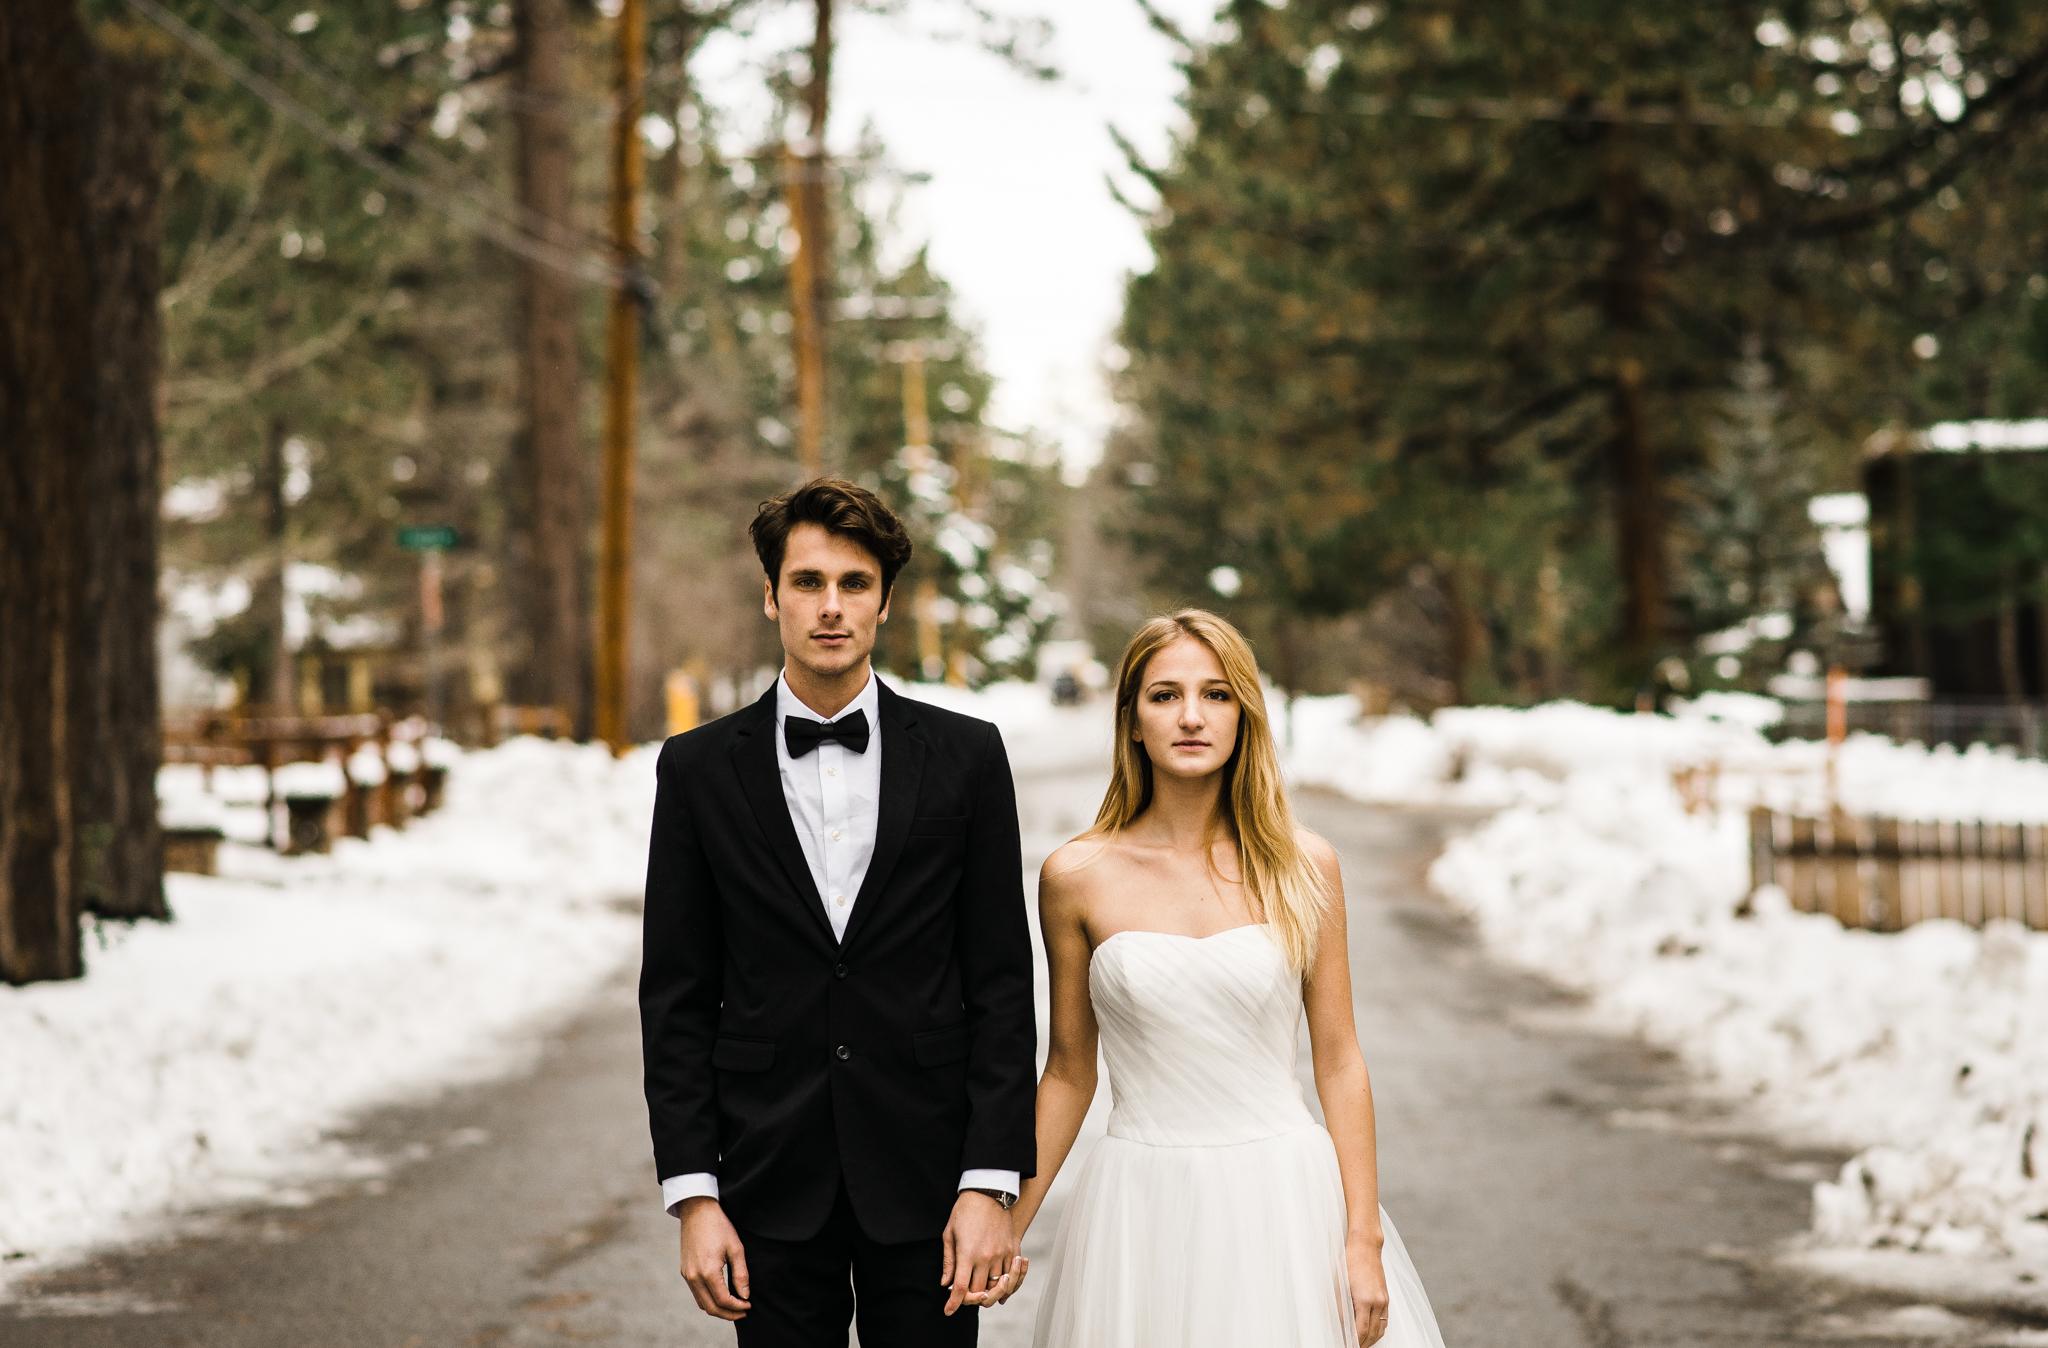 ©Isaiah & Taylor Photography - Ben & Kadin Honeymoon-014.jpg